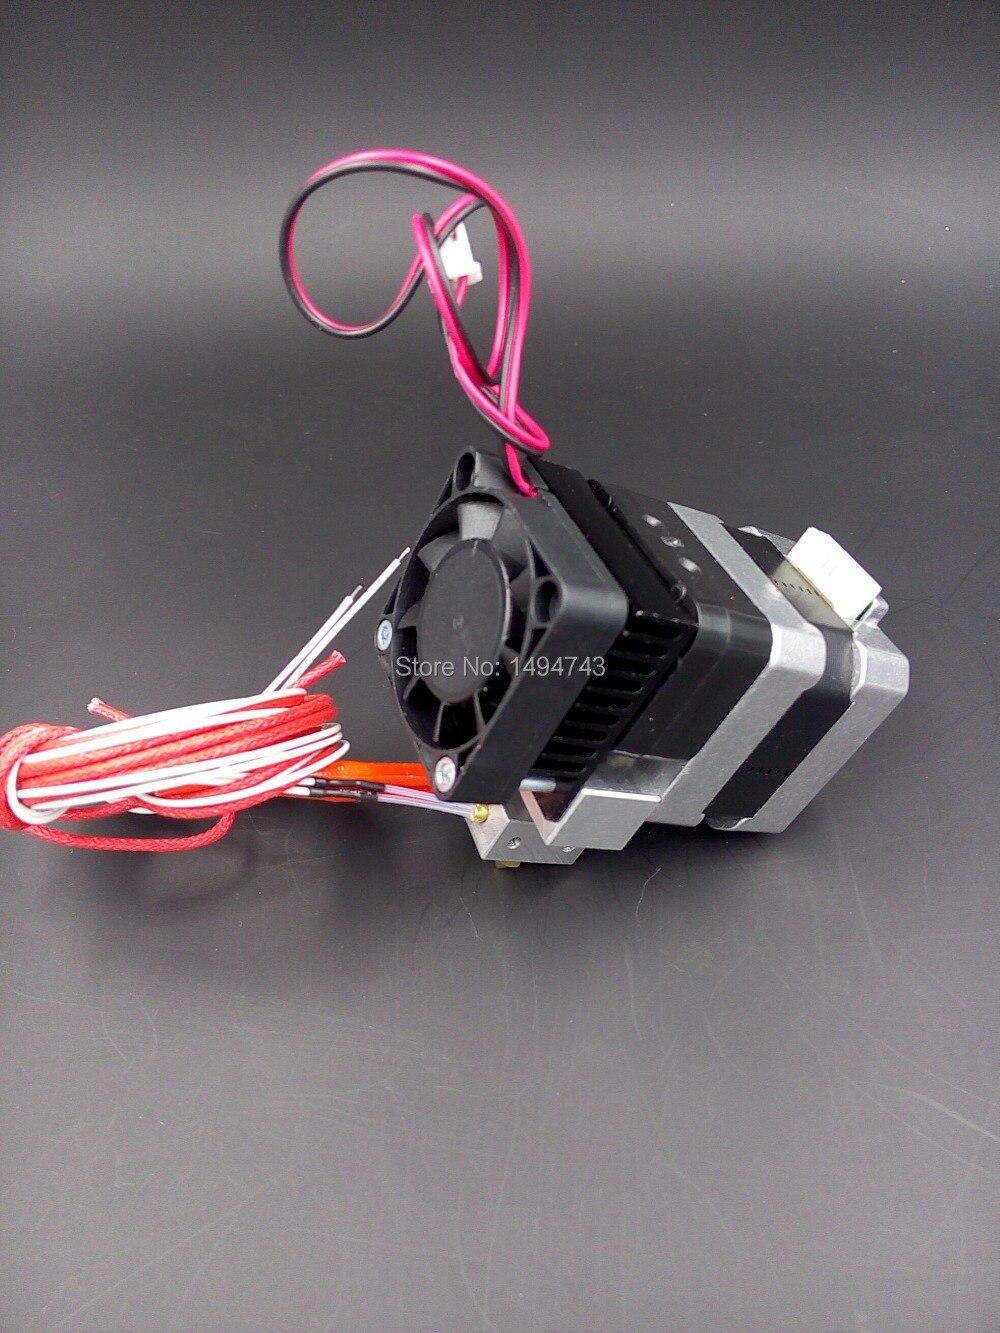 2 sets 0.4mm Nozzle MK7 3D printer extruder + 3 pcs Allen wrench for Makerbot Prusa i3 Kossel Mendel RepRap 3D printer